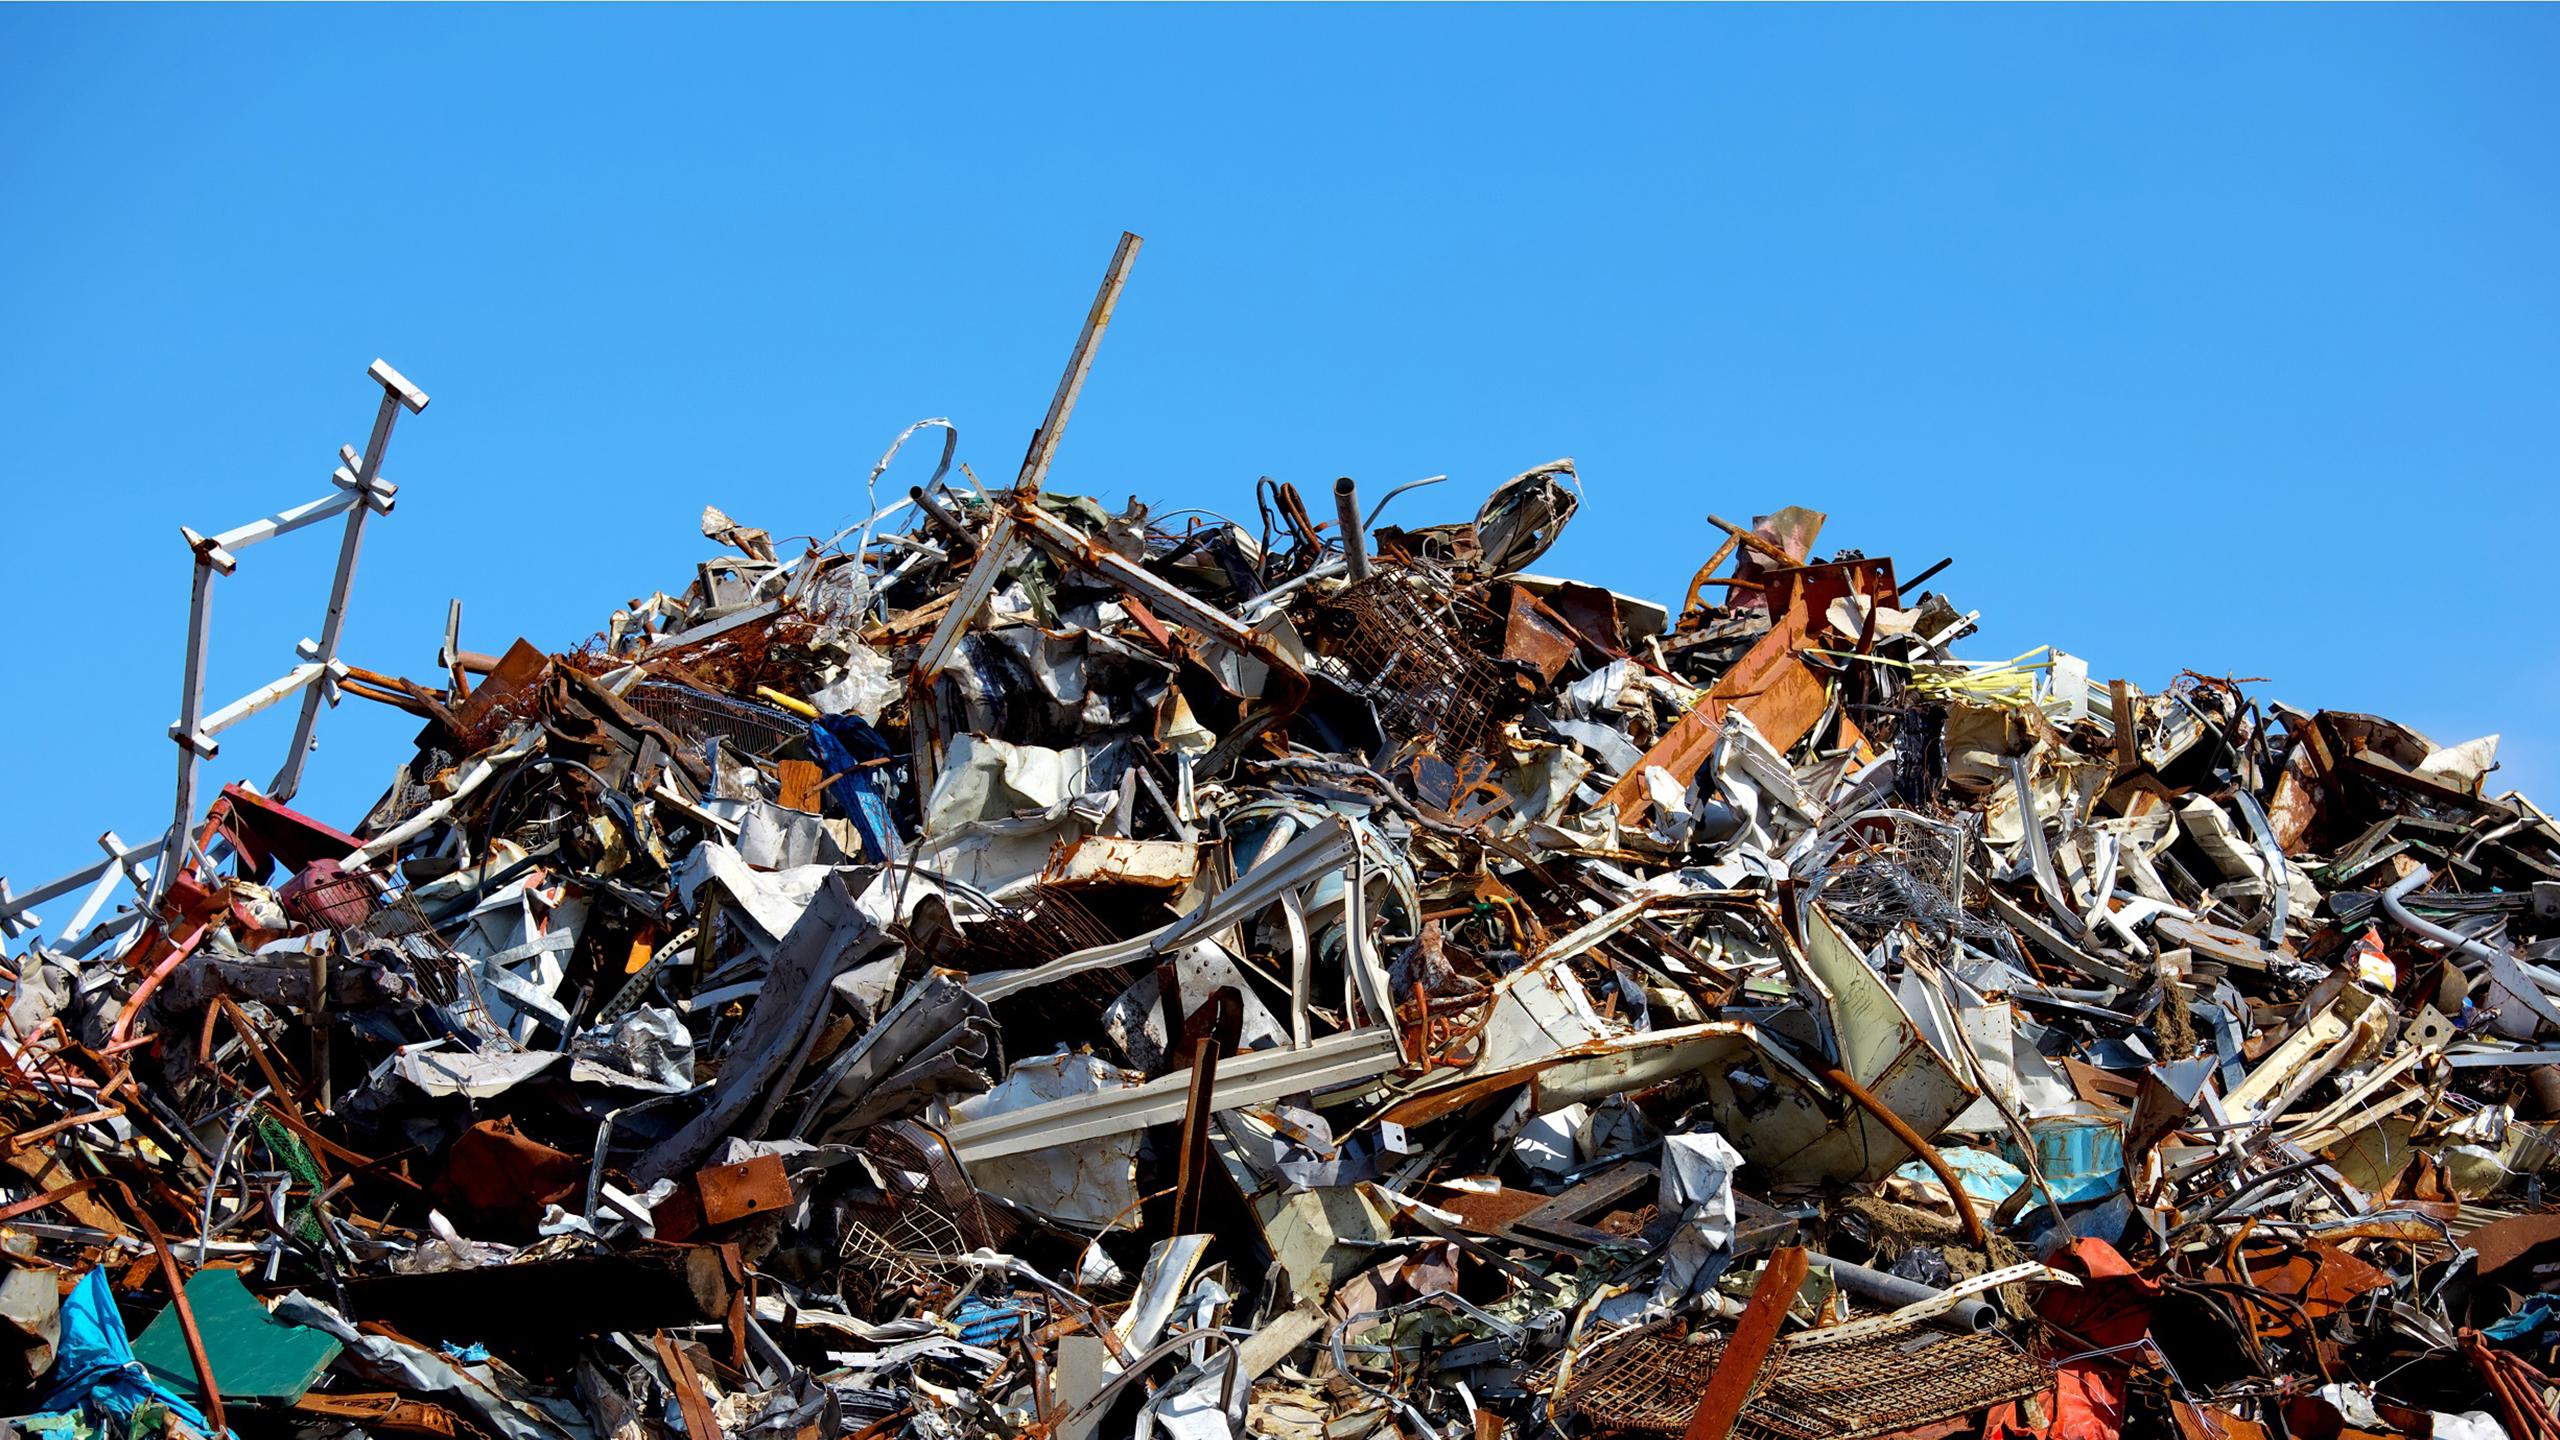 鉄屑、スクラップをリサイクルし、資源を有効活用致します!親切丁寧、高価買取!